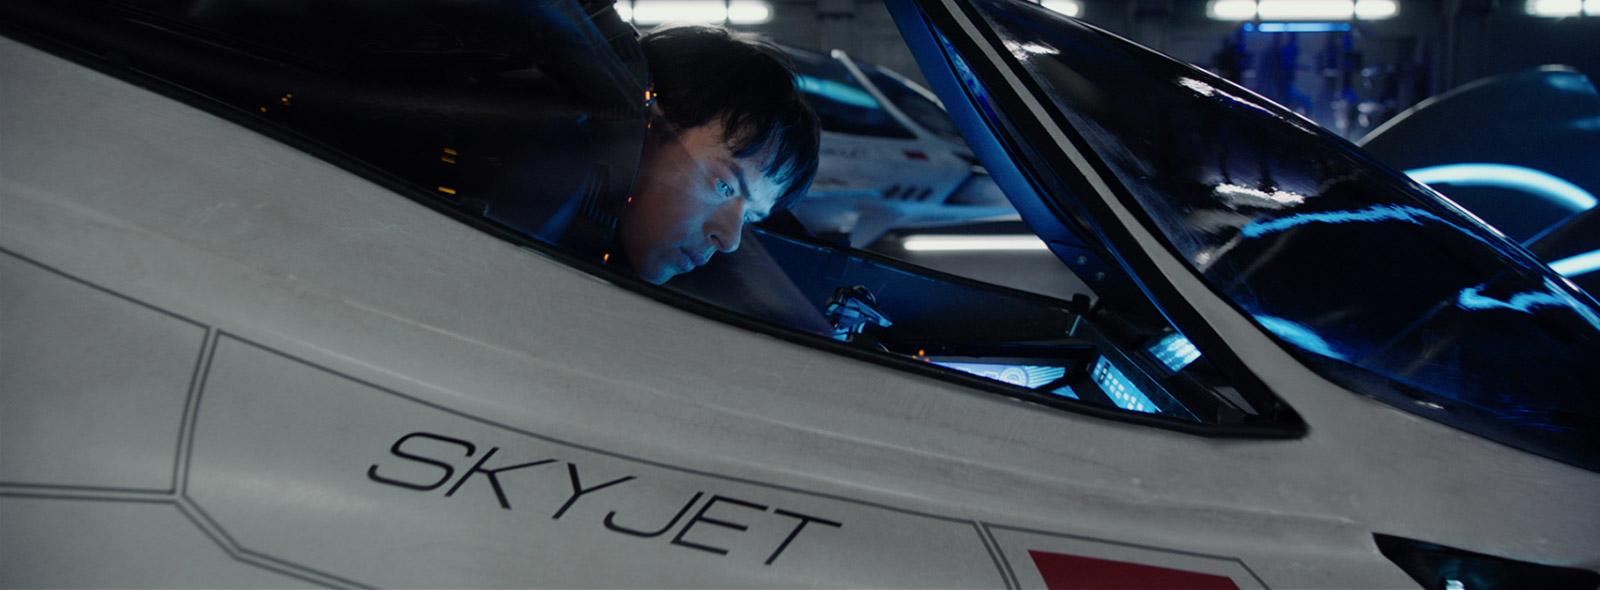 Dane DeHaan attore protagonista del film Valerian a bordo dello Skyjet